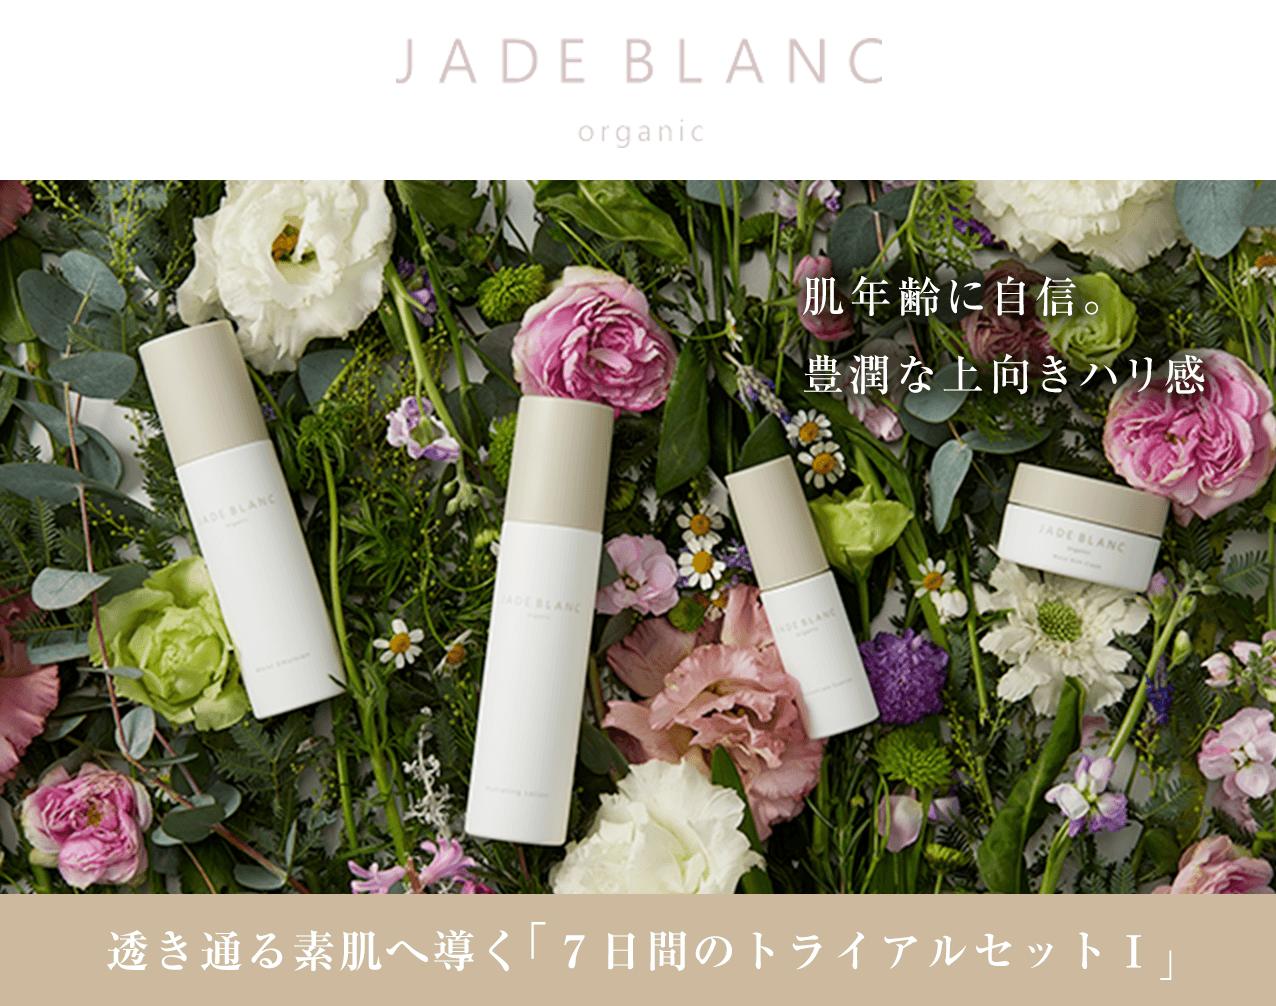 JADE BLANC 肌年齢に自信。豊潤な上向きハリ感透き通る素肌へ導く「7日間のトライアルセット�T」